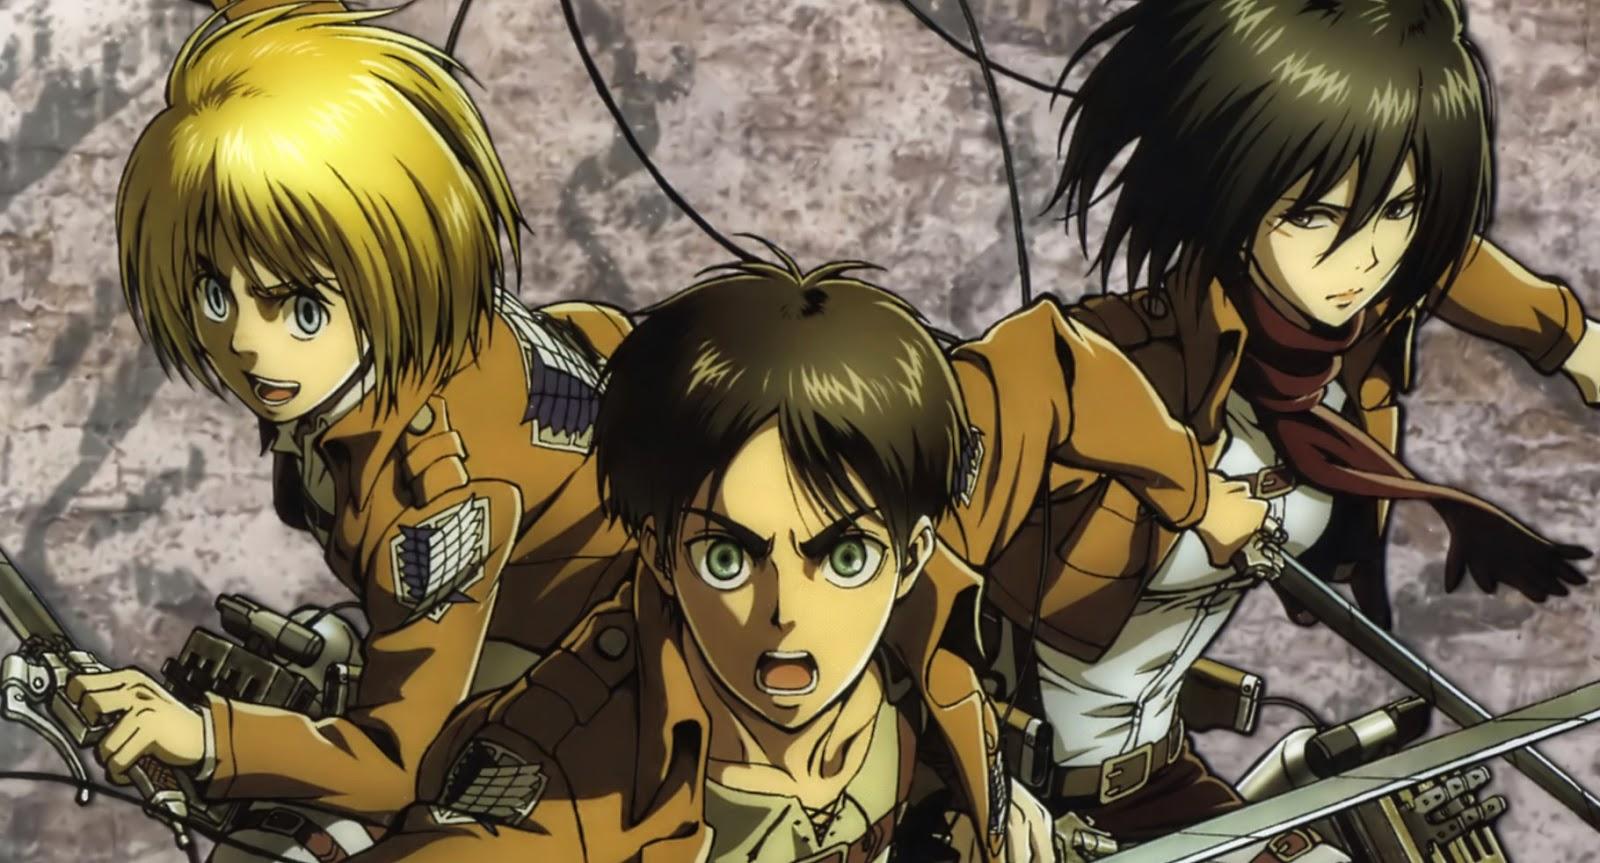 Manga Suki: L'attaque des titans